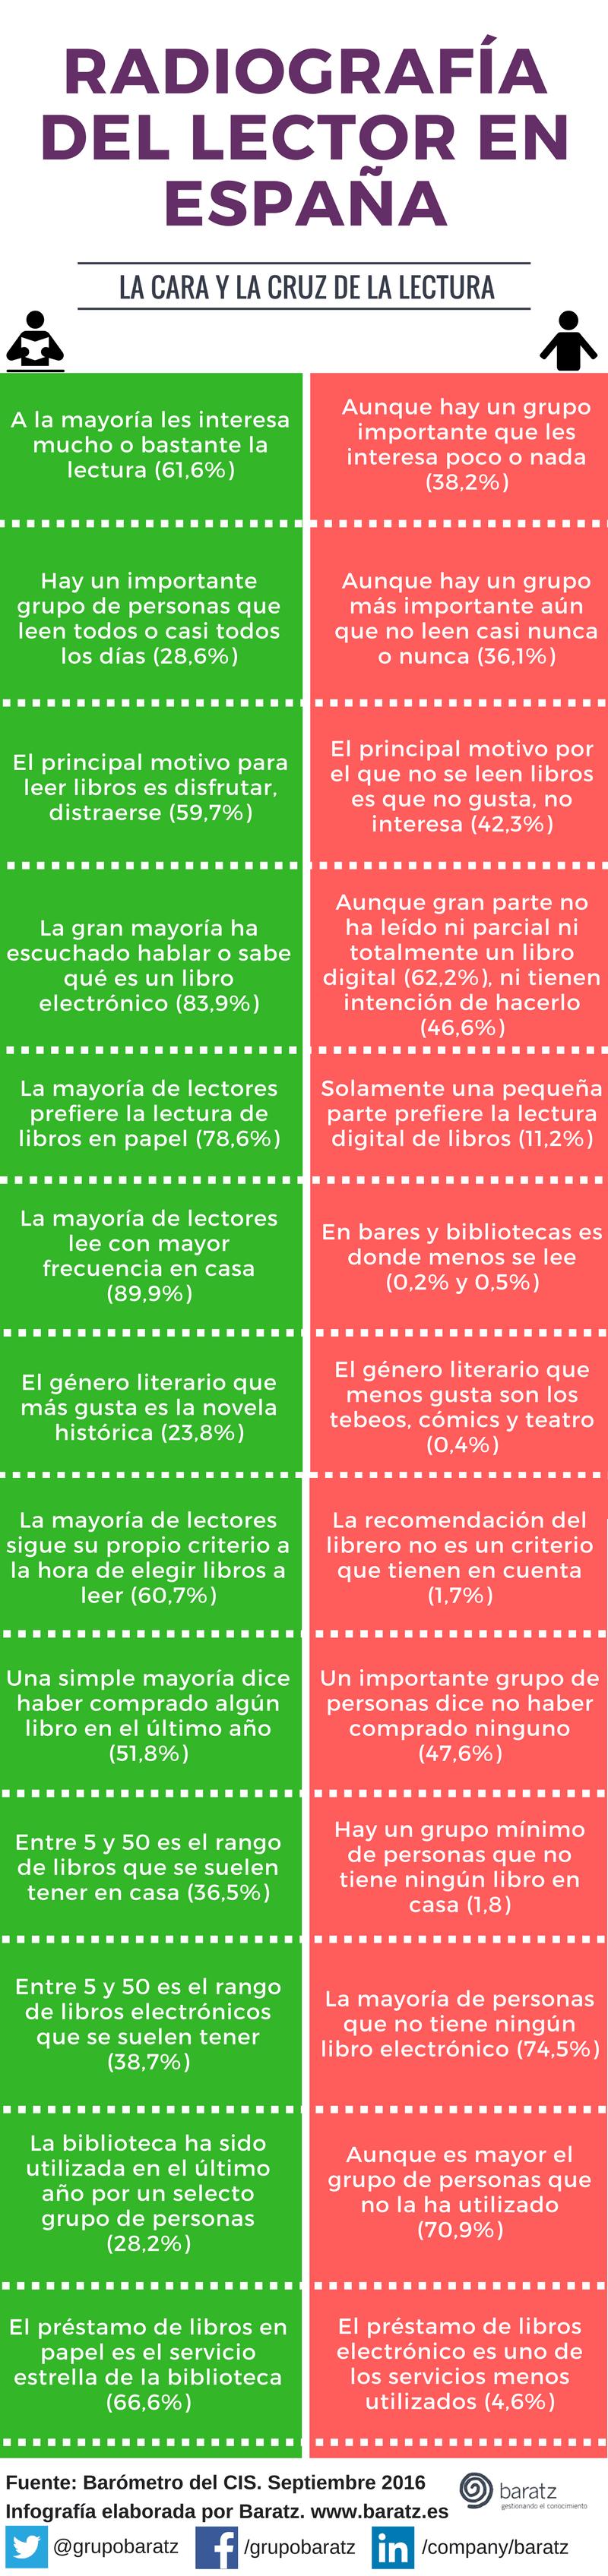 Radiografía del lector en España